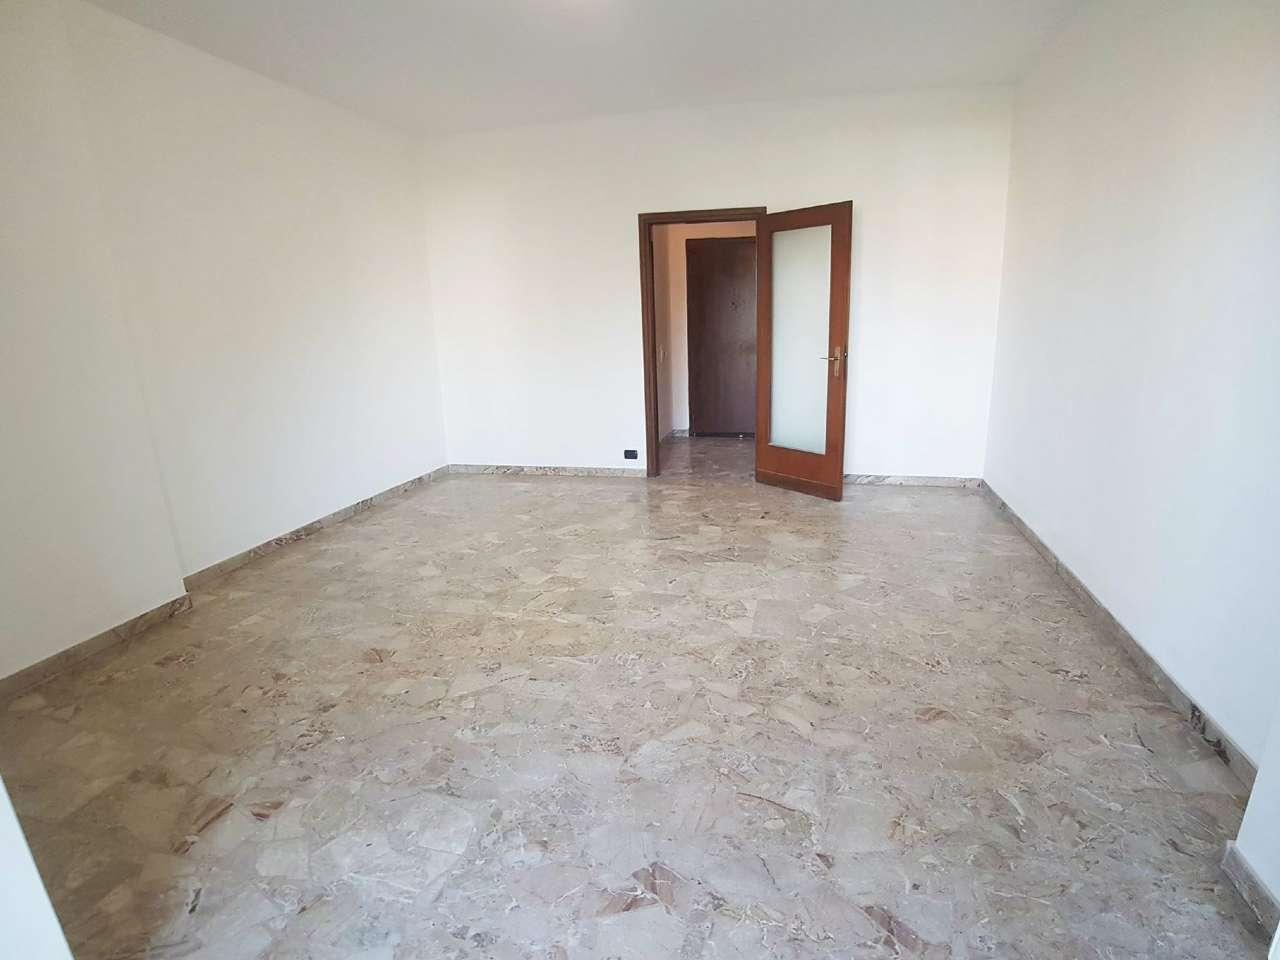 Appartamento in vendita a Saronno, 3 locali, prezzo € 148.000 | Cambio Casa.it